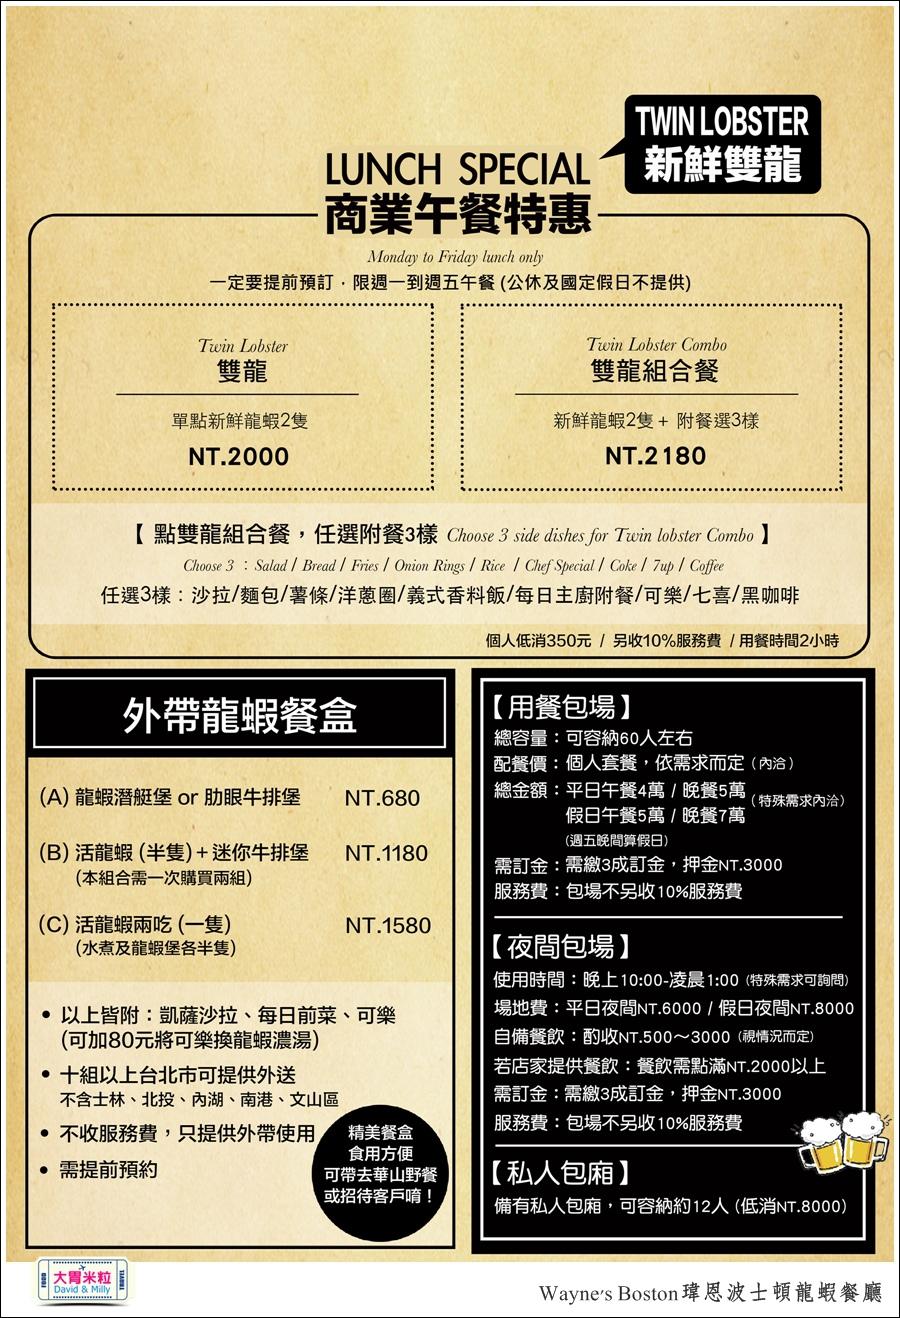 台北龍蝦餐廳推薦@Wayne's Boston瑋恩波士頓龍蝦餐酒館@大胃米粒0071 (5).jpg